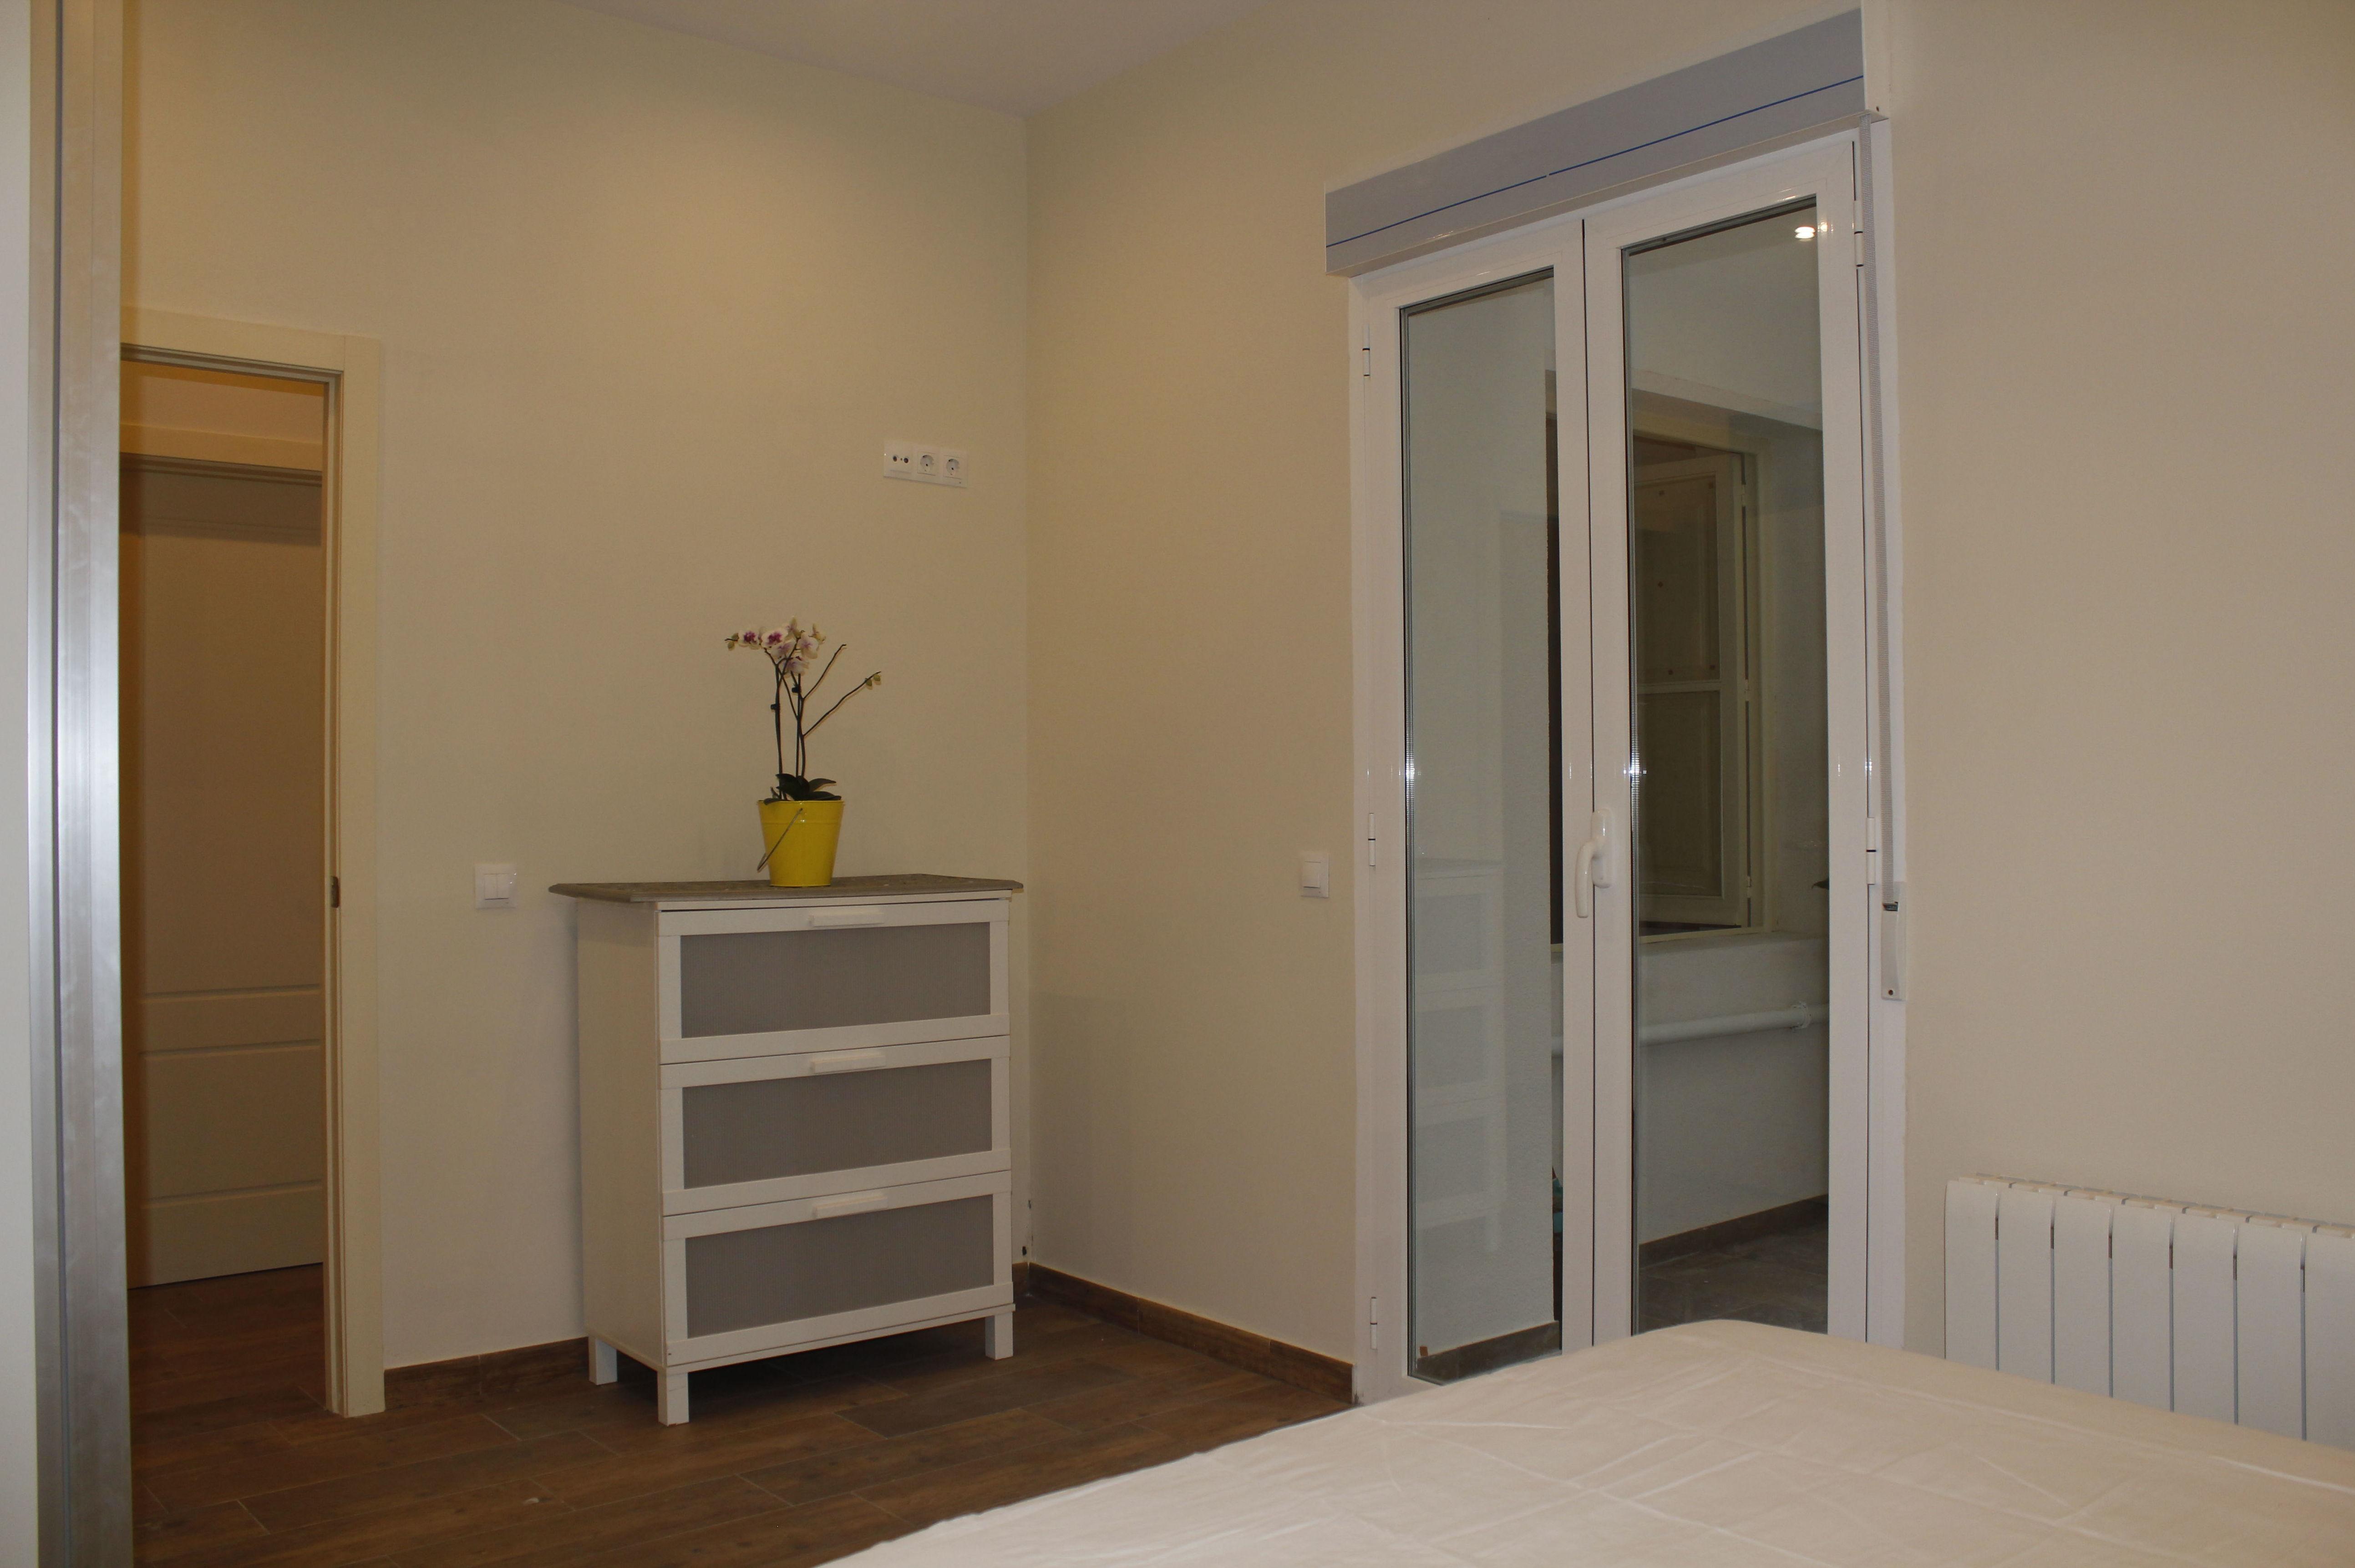 Dormitorios reformado por Maela Interiorismo